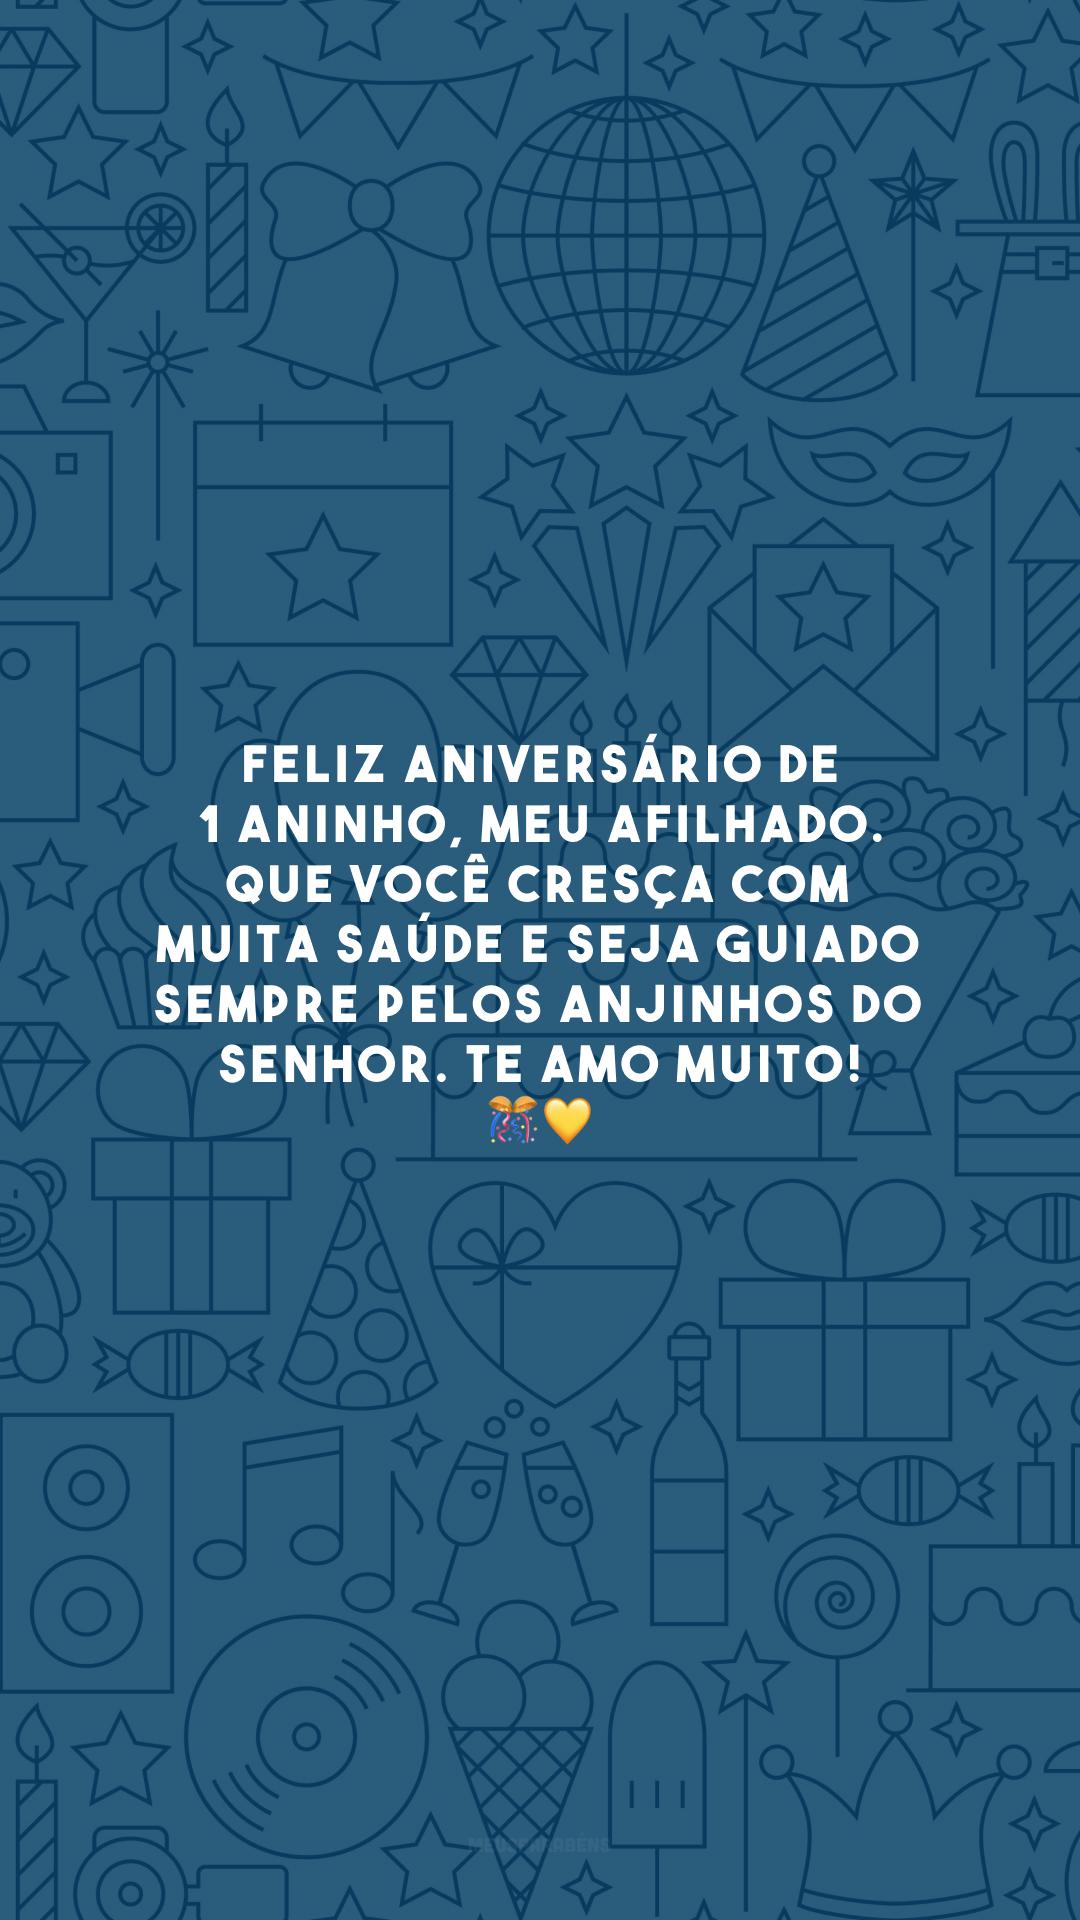 Feliz aniversário de 1 aninho, meu afilhado. Que você cresça com muita saúde e seja guiado sempre pelos anjinhos do Senhor. Te amo muito! 🎊💛